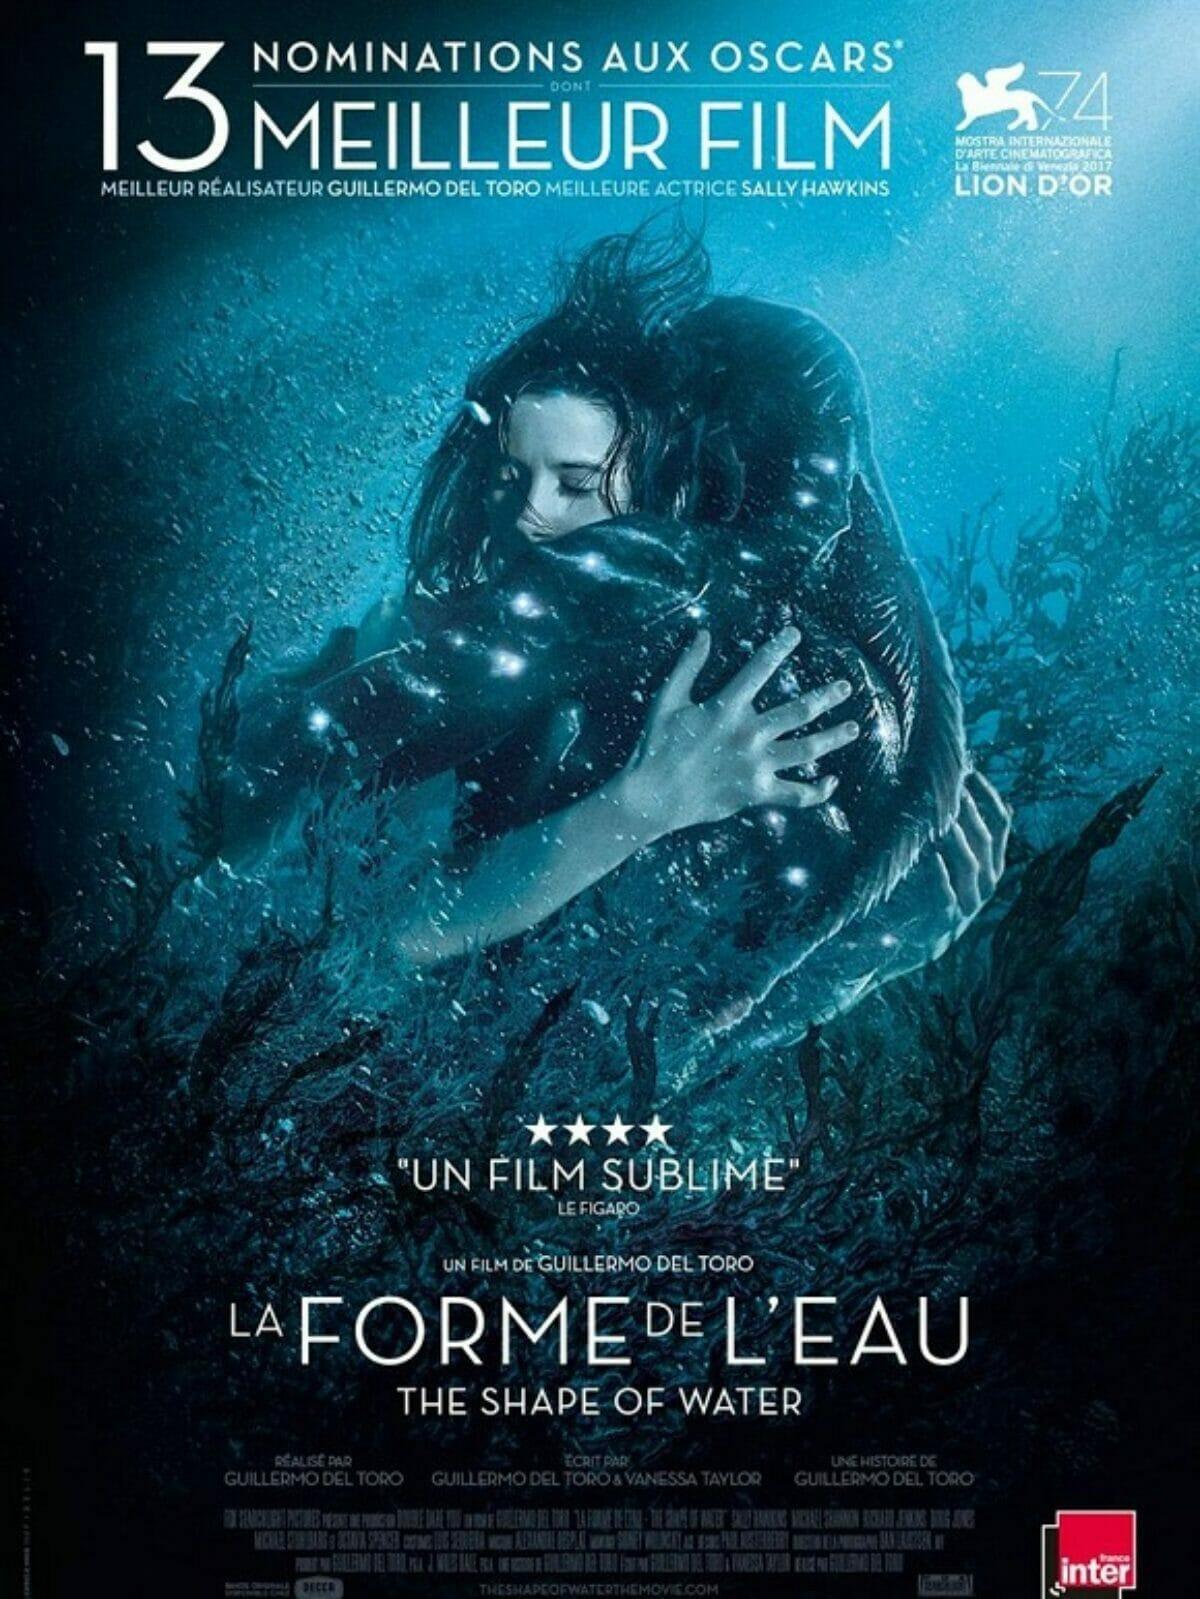 La-forme-de-leau-the-shape-of-water-poster